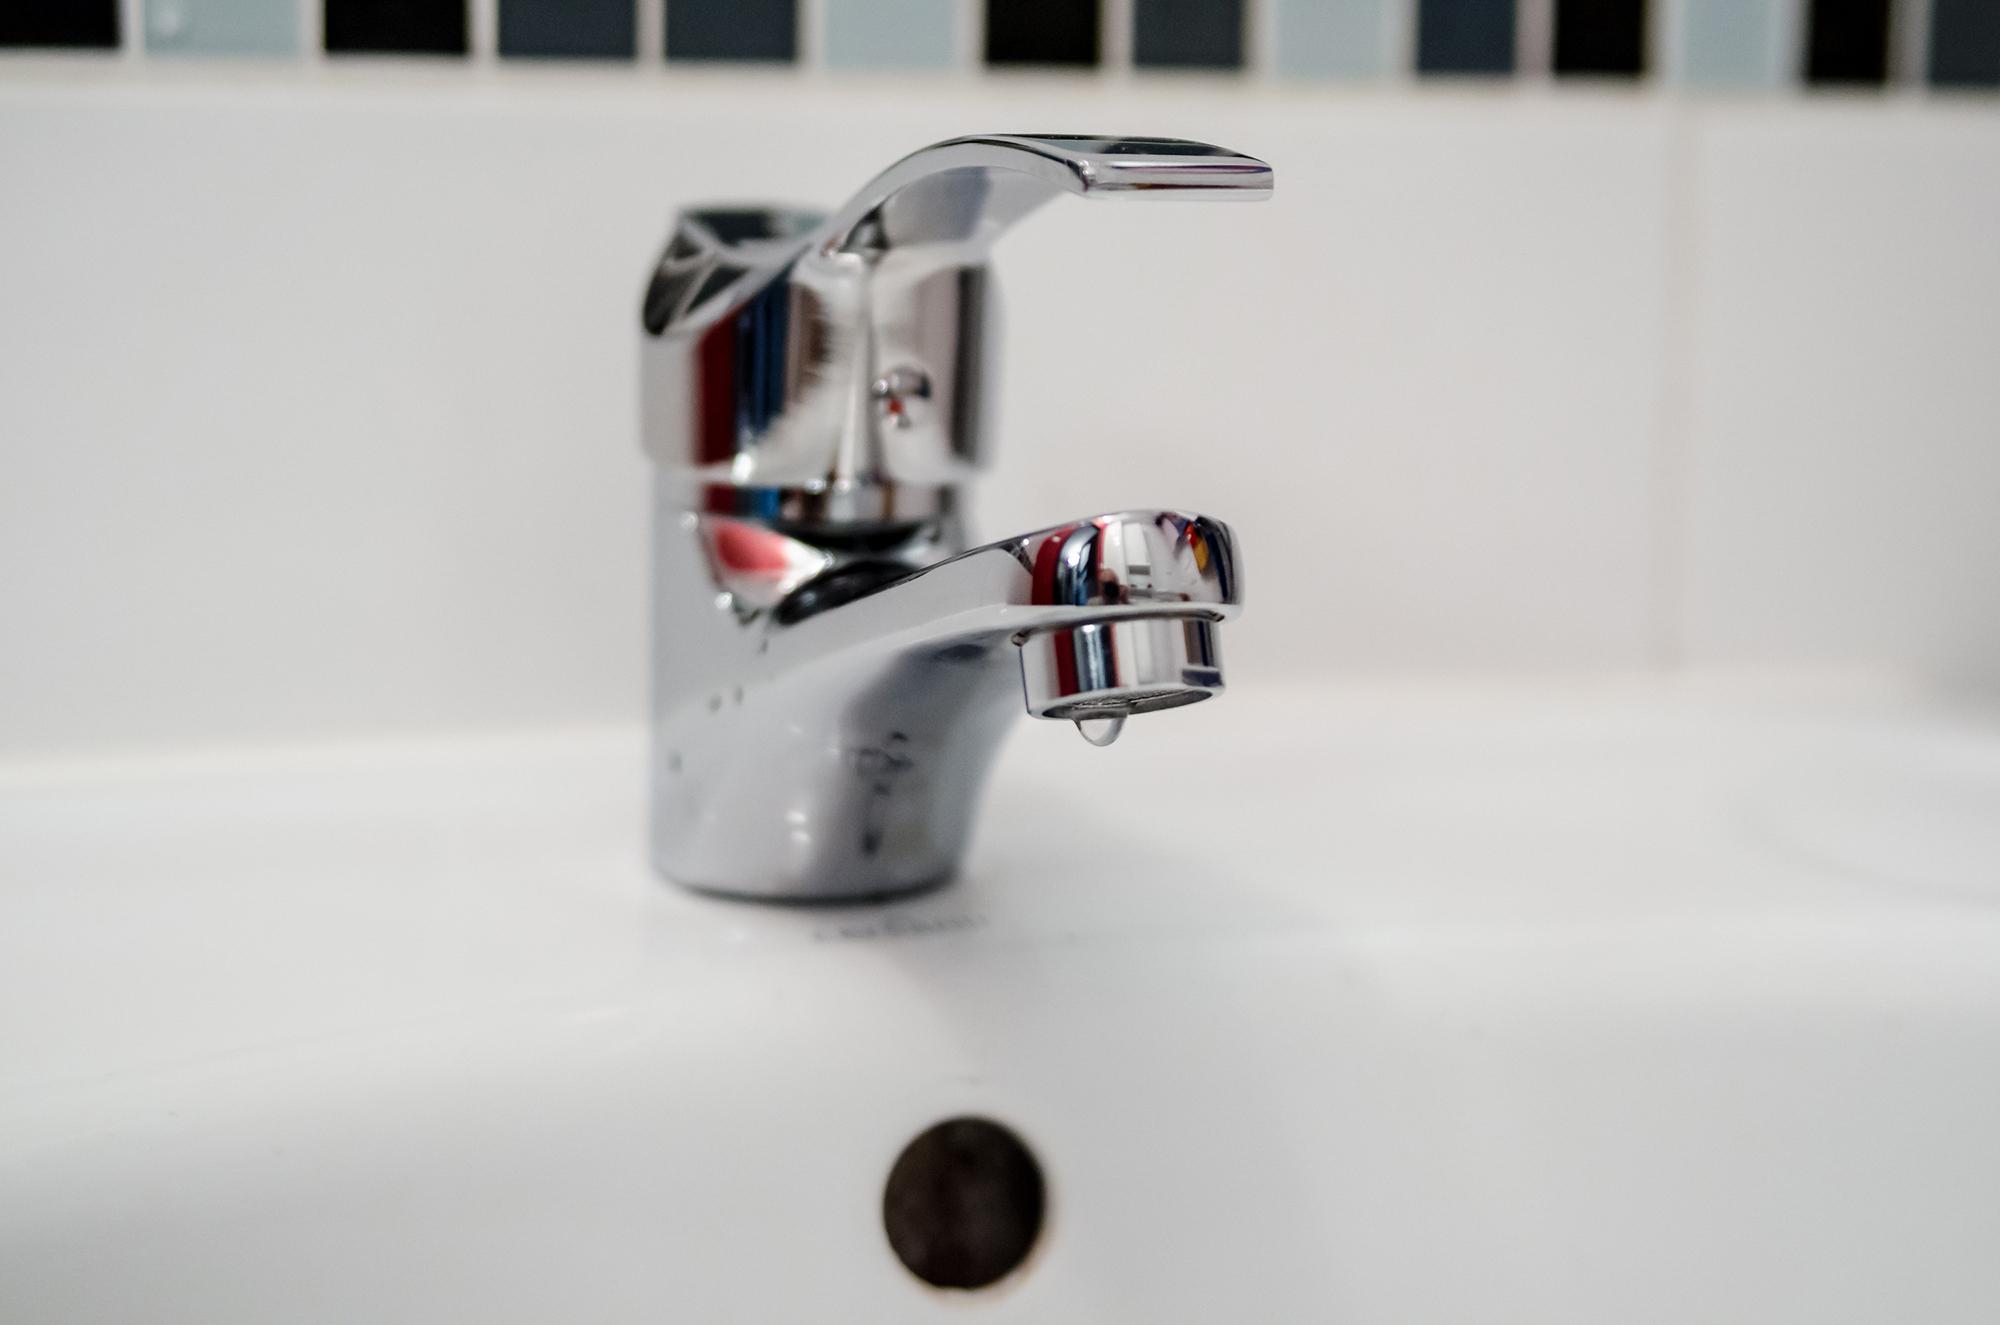 Intervenção no Sistema Público de Distribuição de Água – Dia 30 de Setembro 2021 na Rua Carlos Pacheco entre a Rua do Bocage e a Rua Bento Gonçalves.